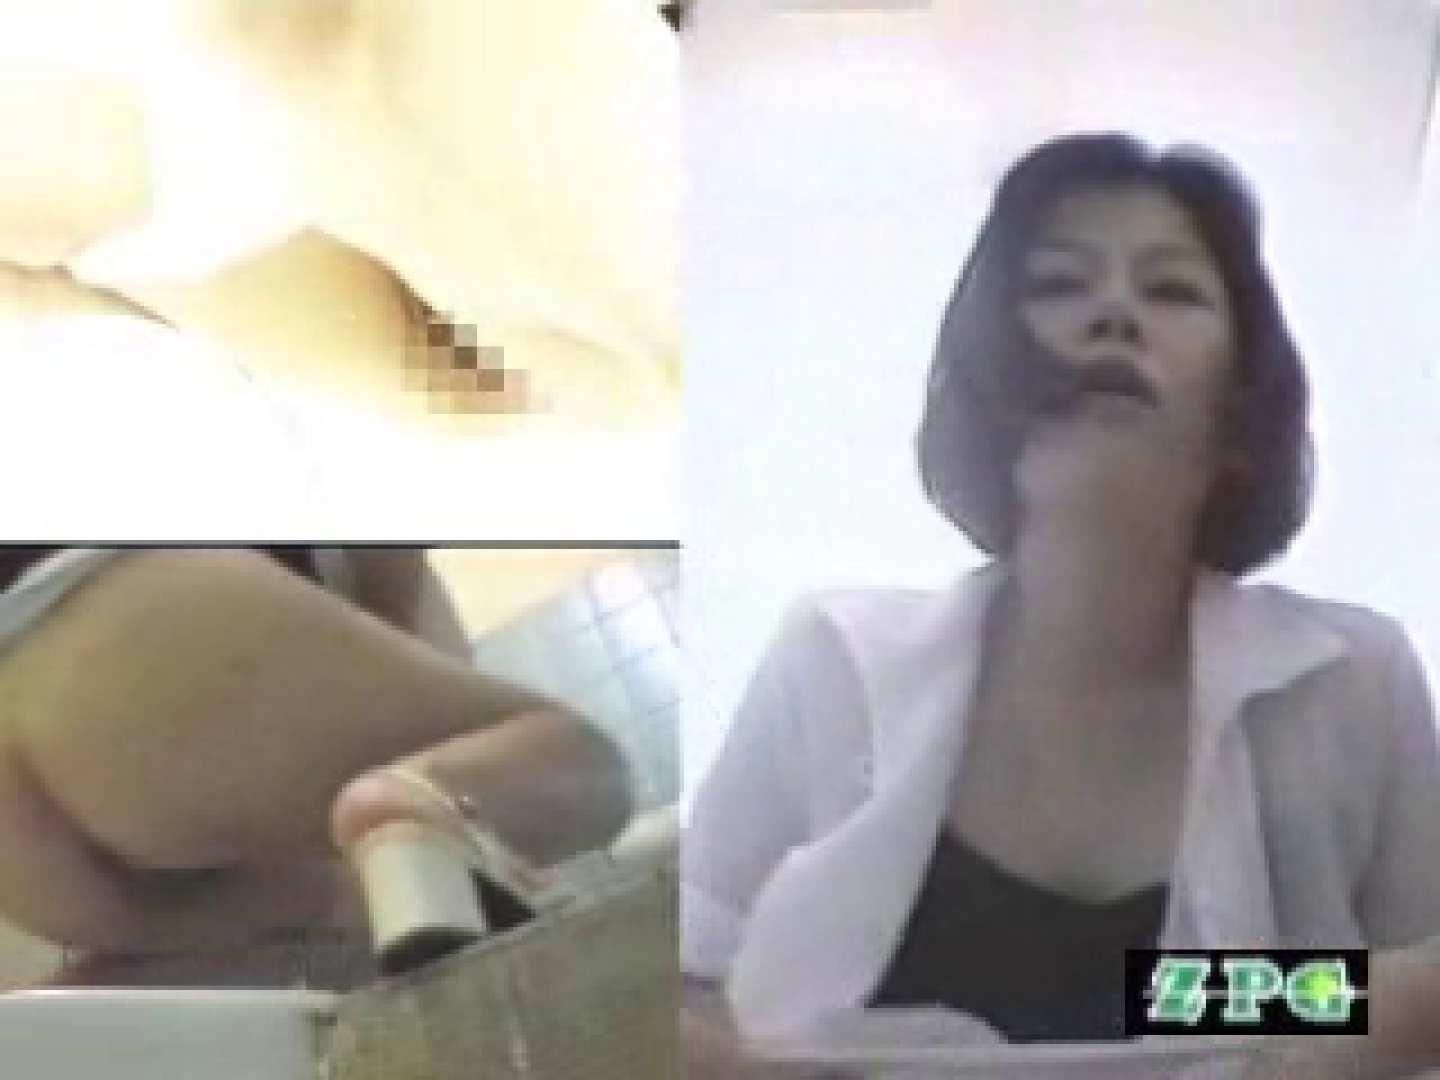 女子洗面所 便器に向かって放尿始めーっ AHSD-1 肛門  108枚 94